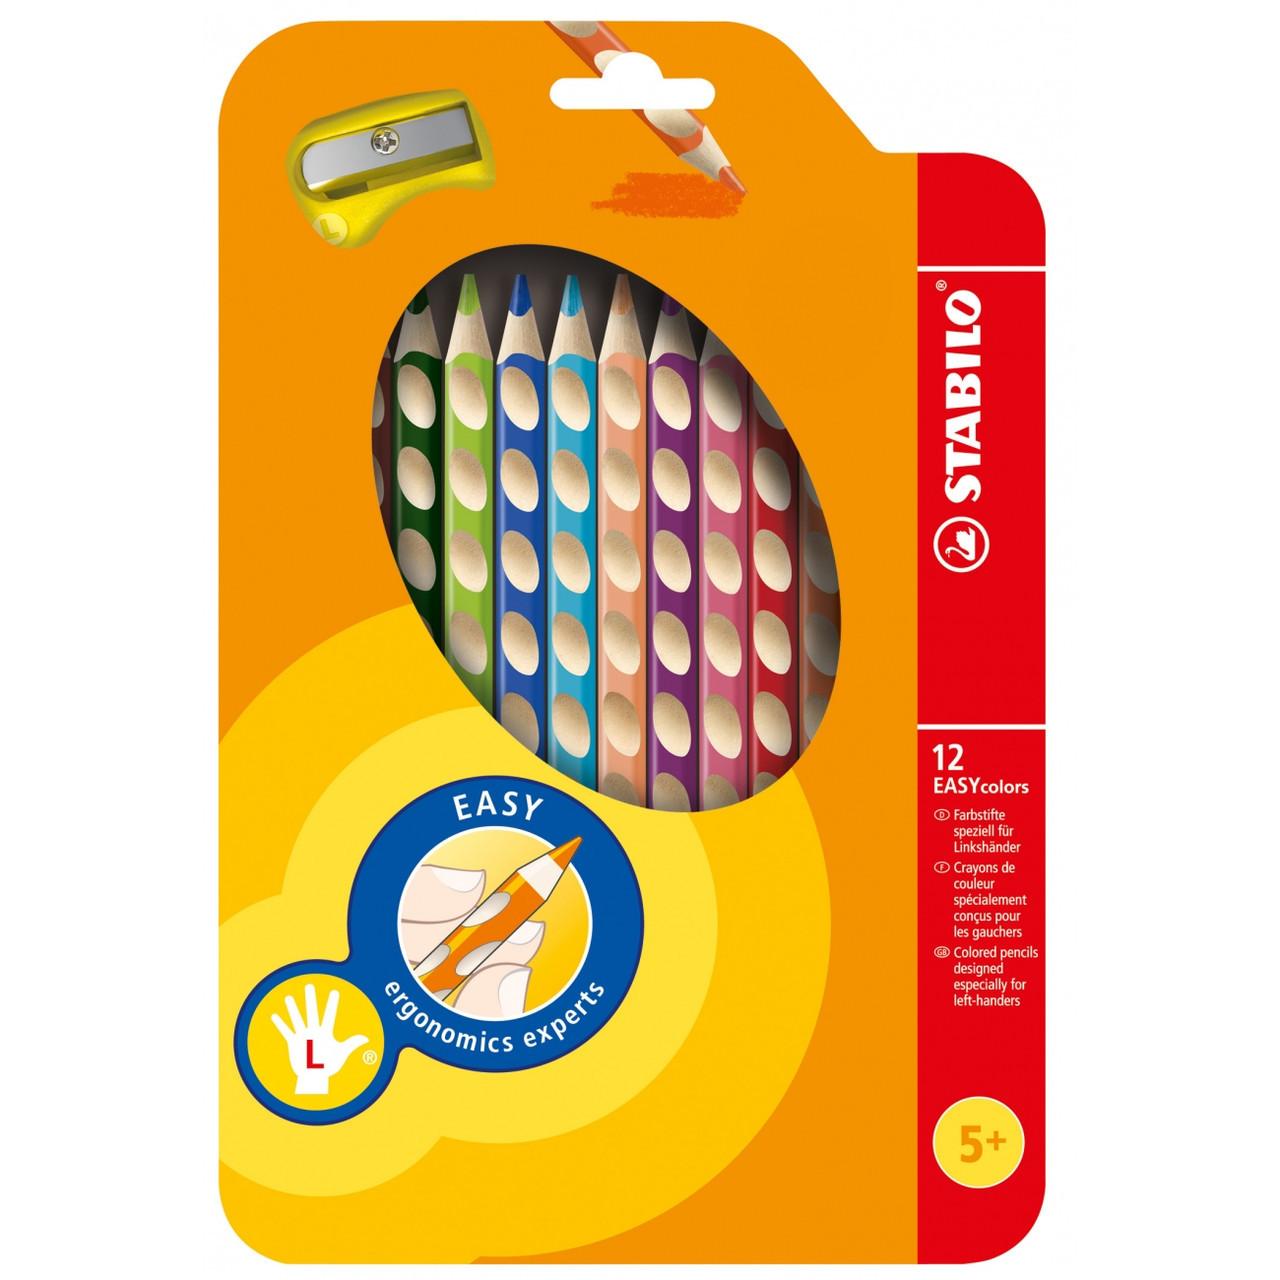 Карандаши 12 цветов для левши с точилкой STABILO EASYcolors 331/12